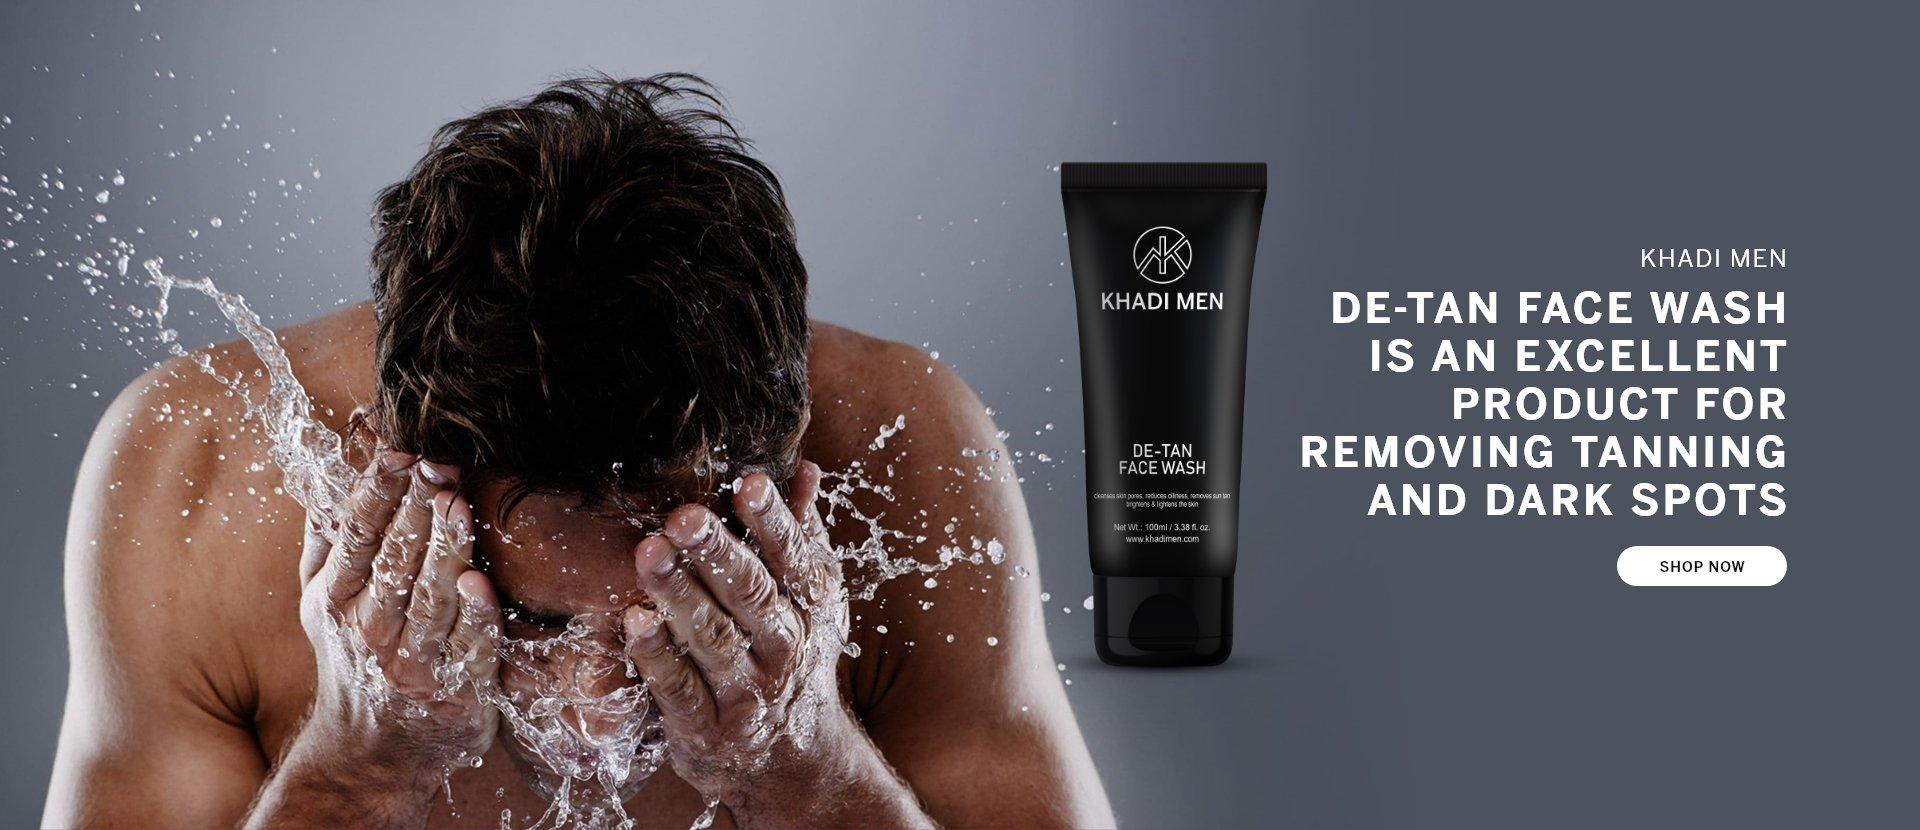 Best Face wash for men